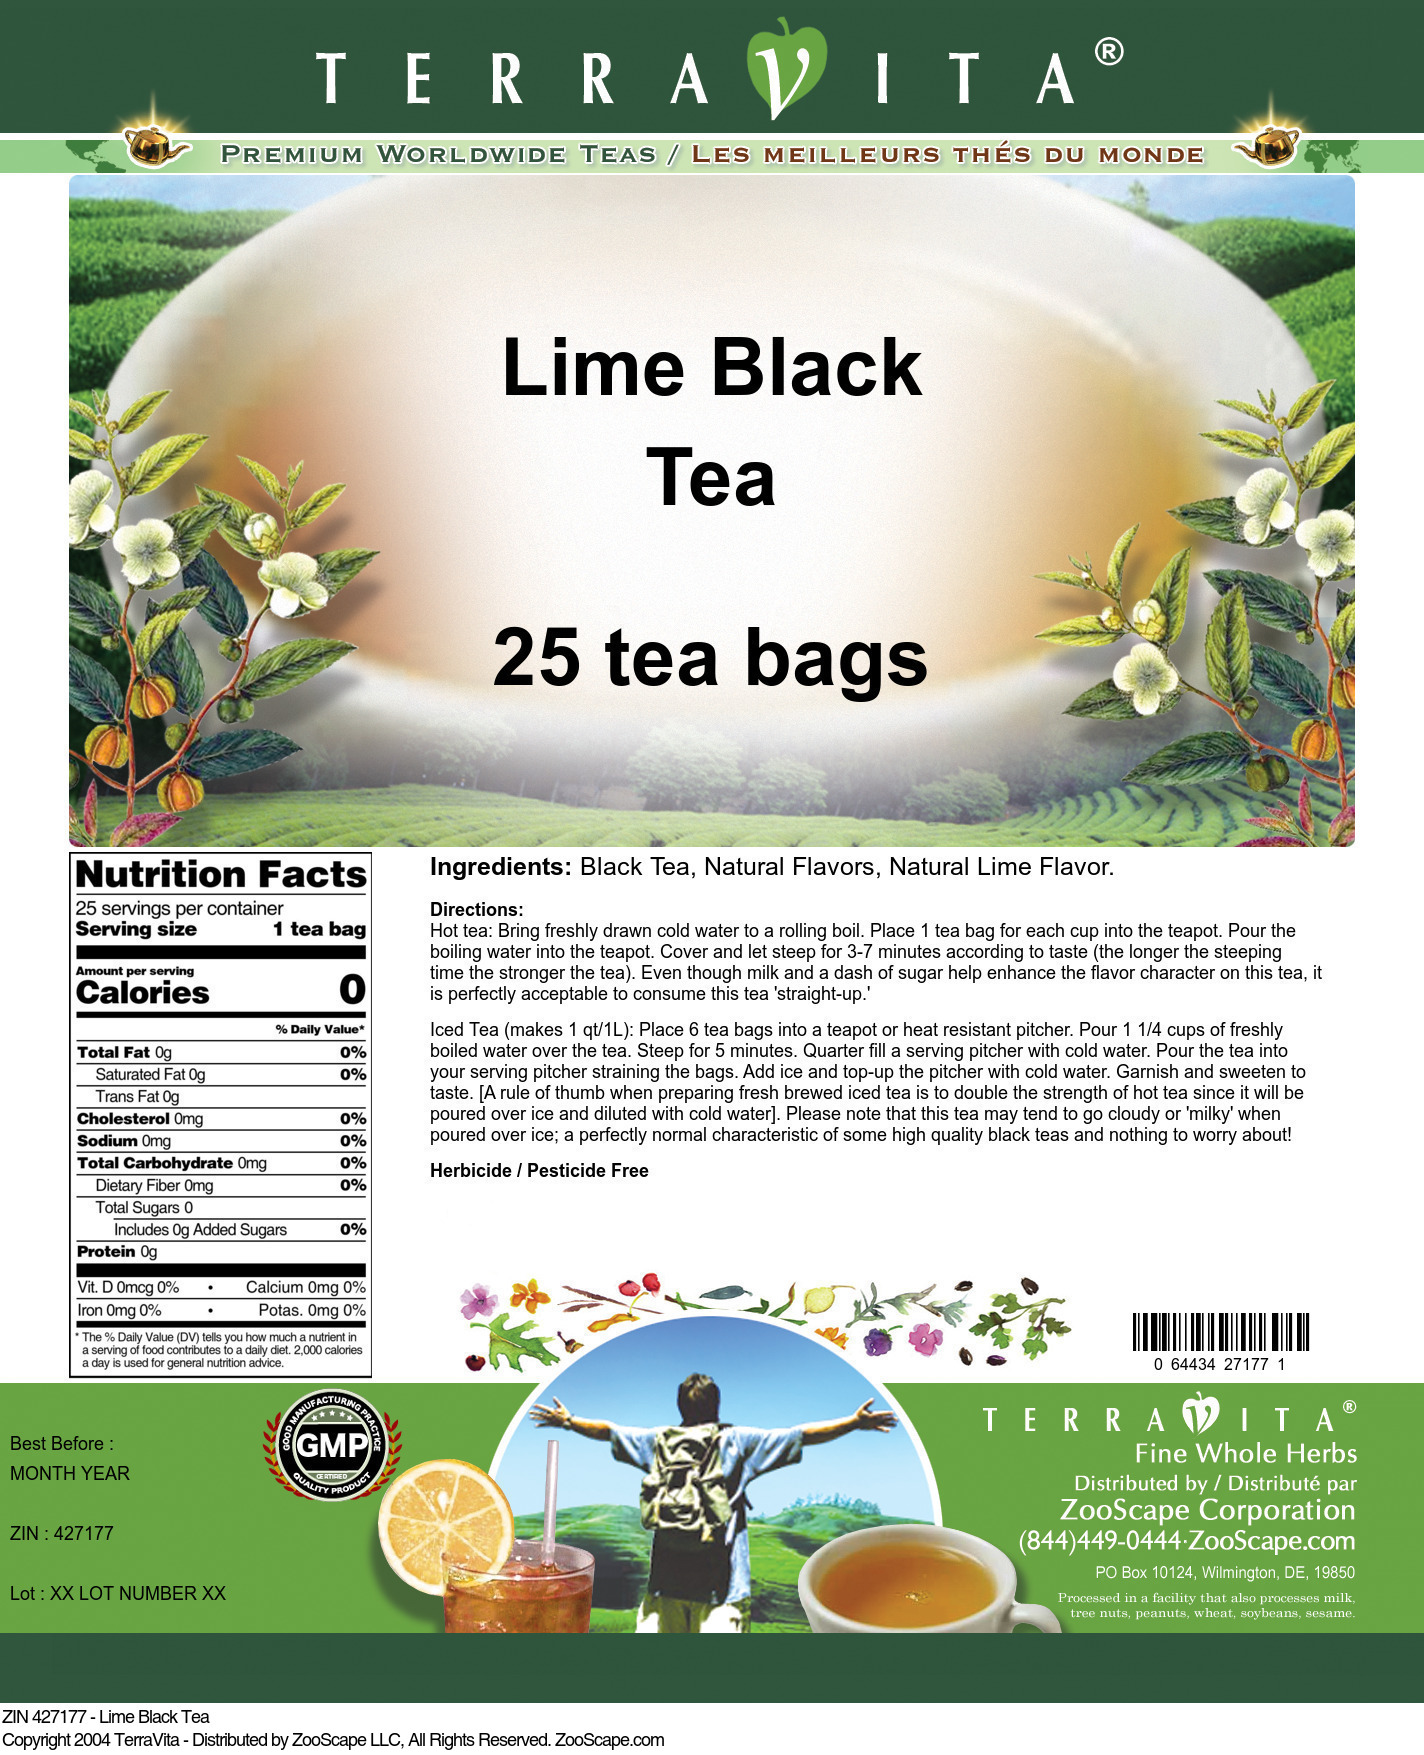 Lime Black Tea